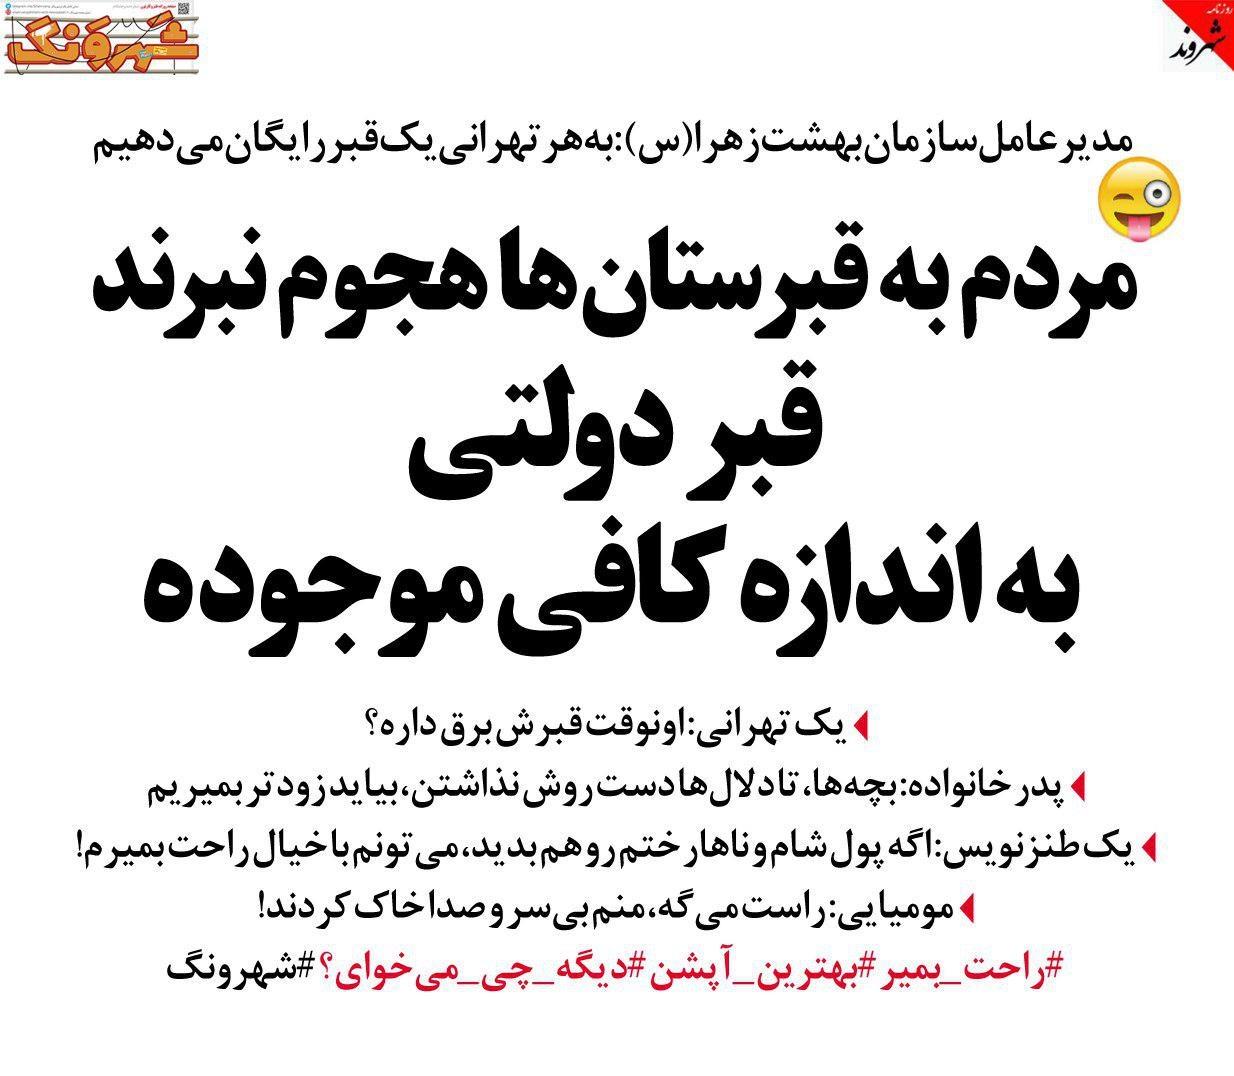 سامانه قبر دولتی هم راه افتاد؟! (طنز)